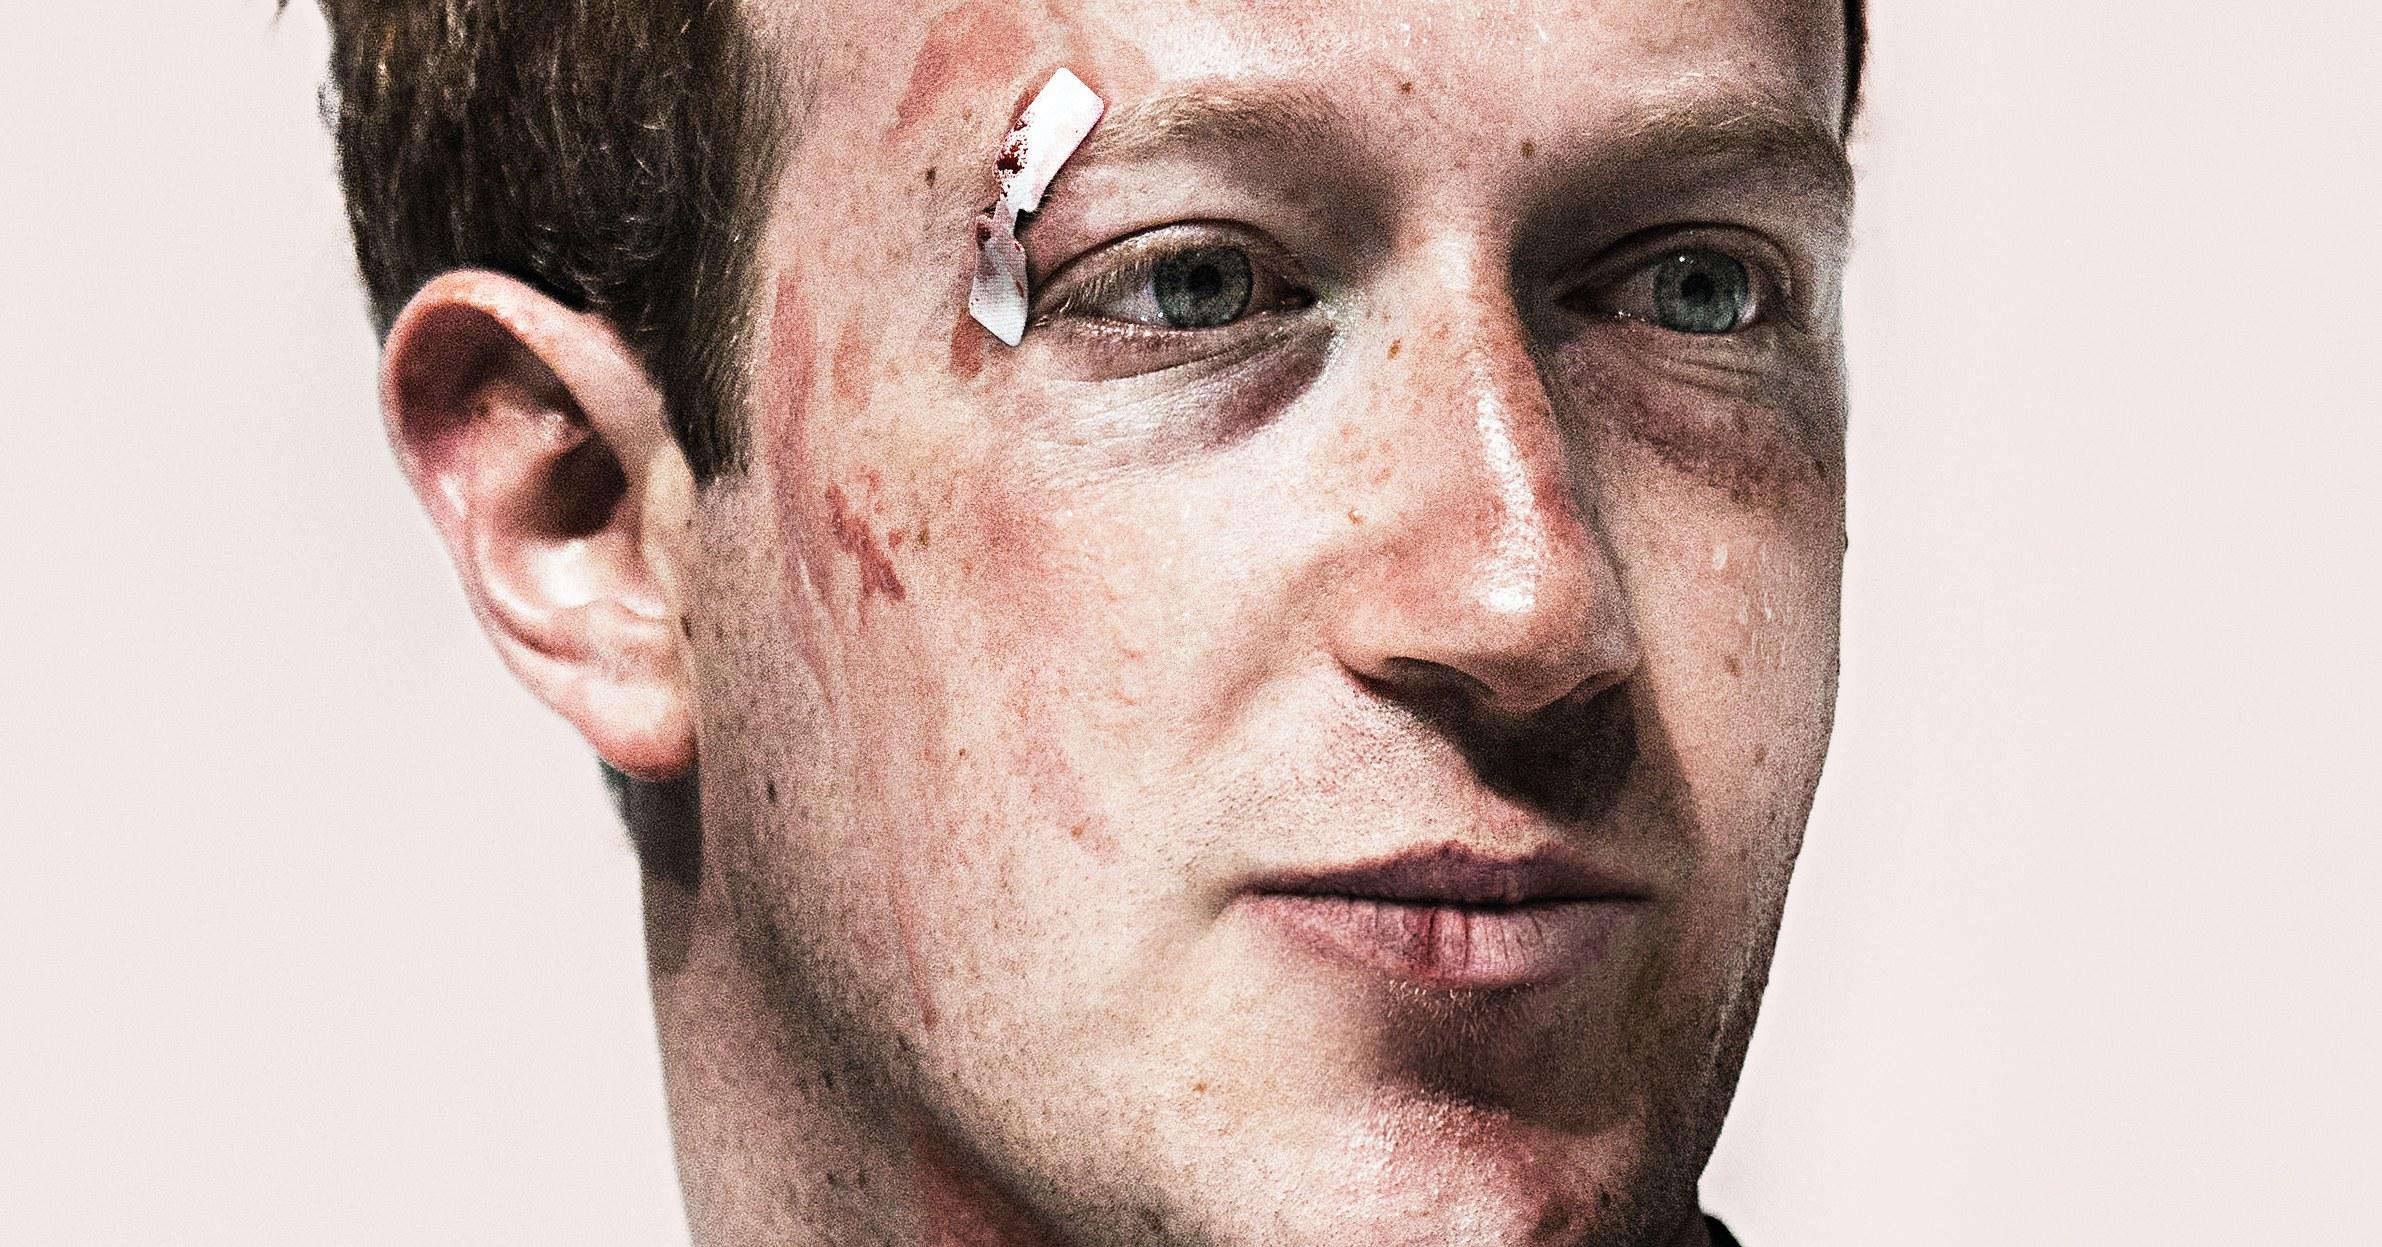 Zuckerberg bruised